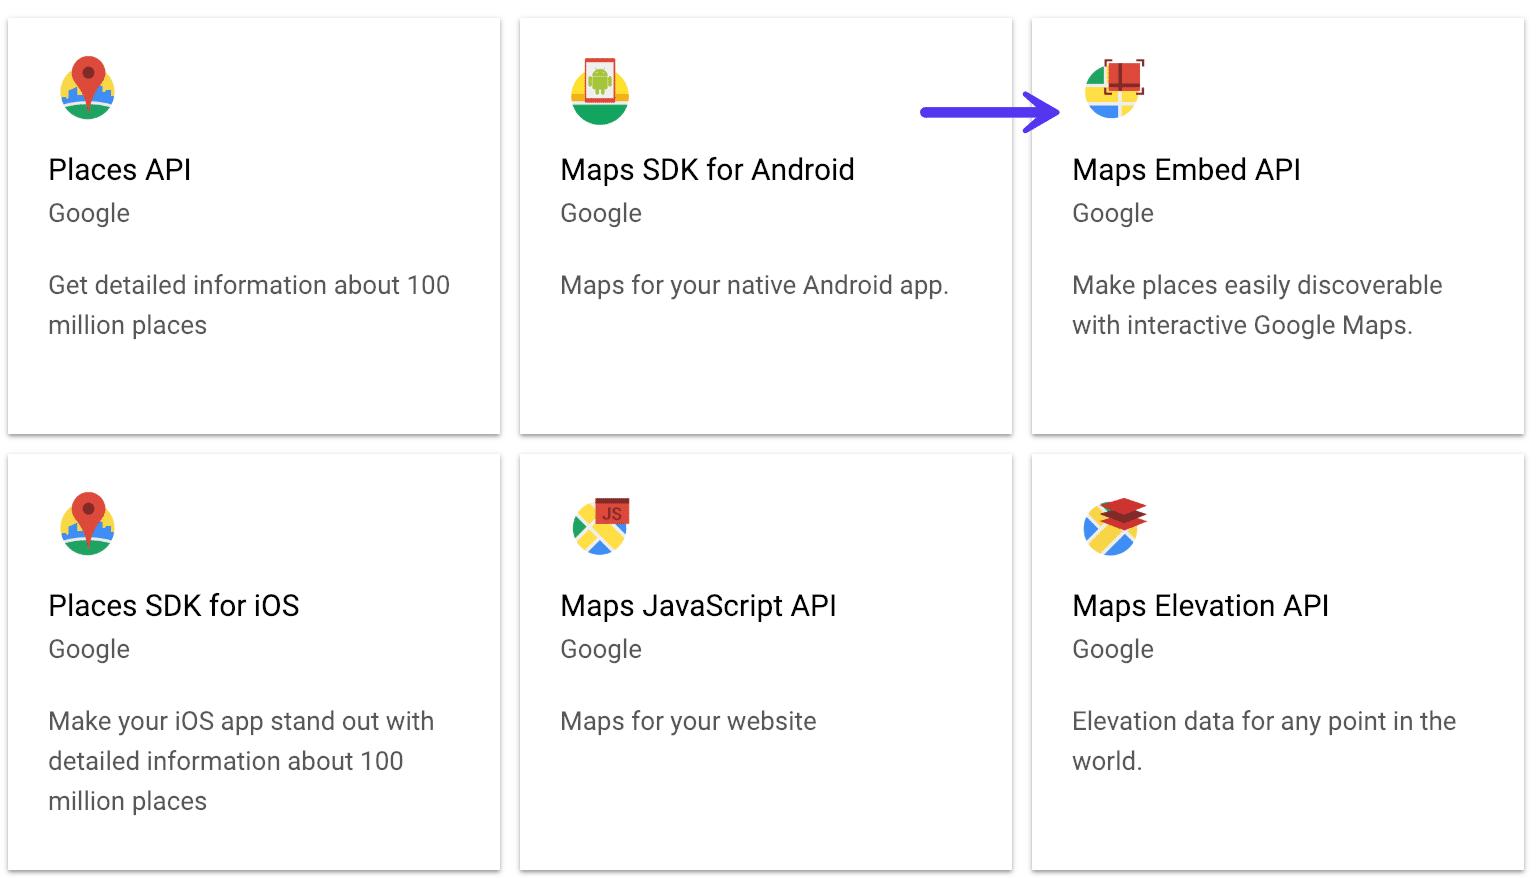 Maps Embed API